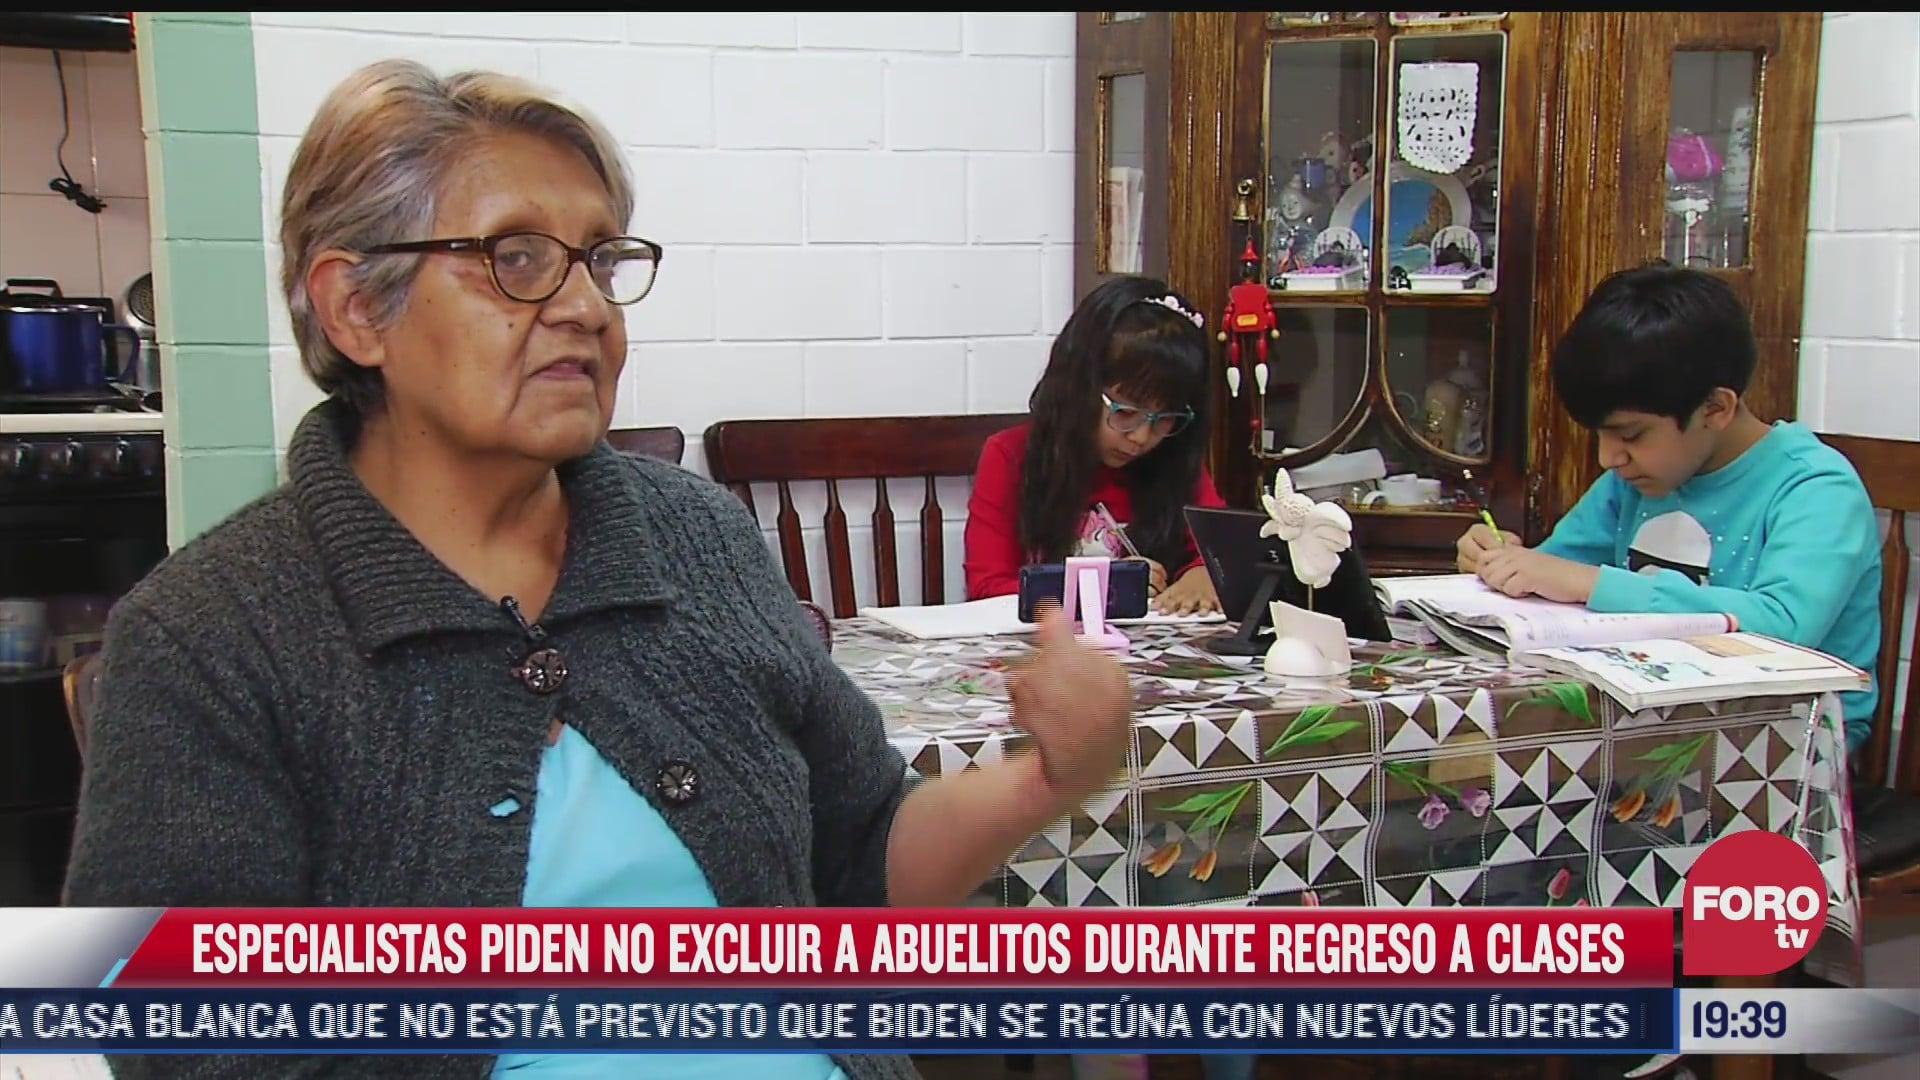 especialistas piden no excluir a adultos mayores durante regreso a clases de menores